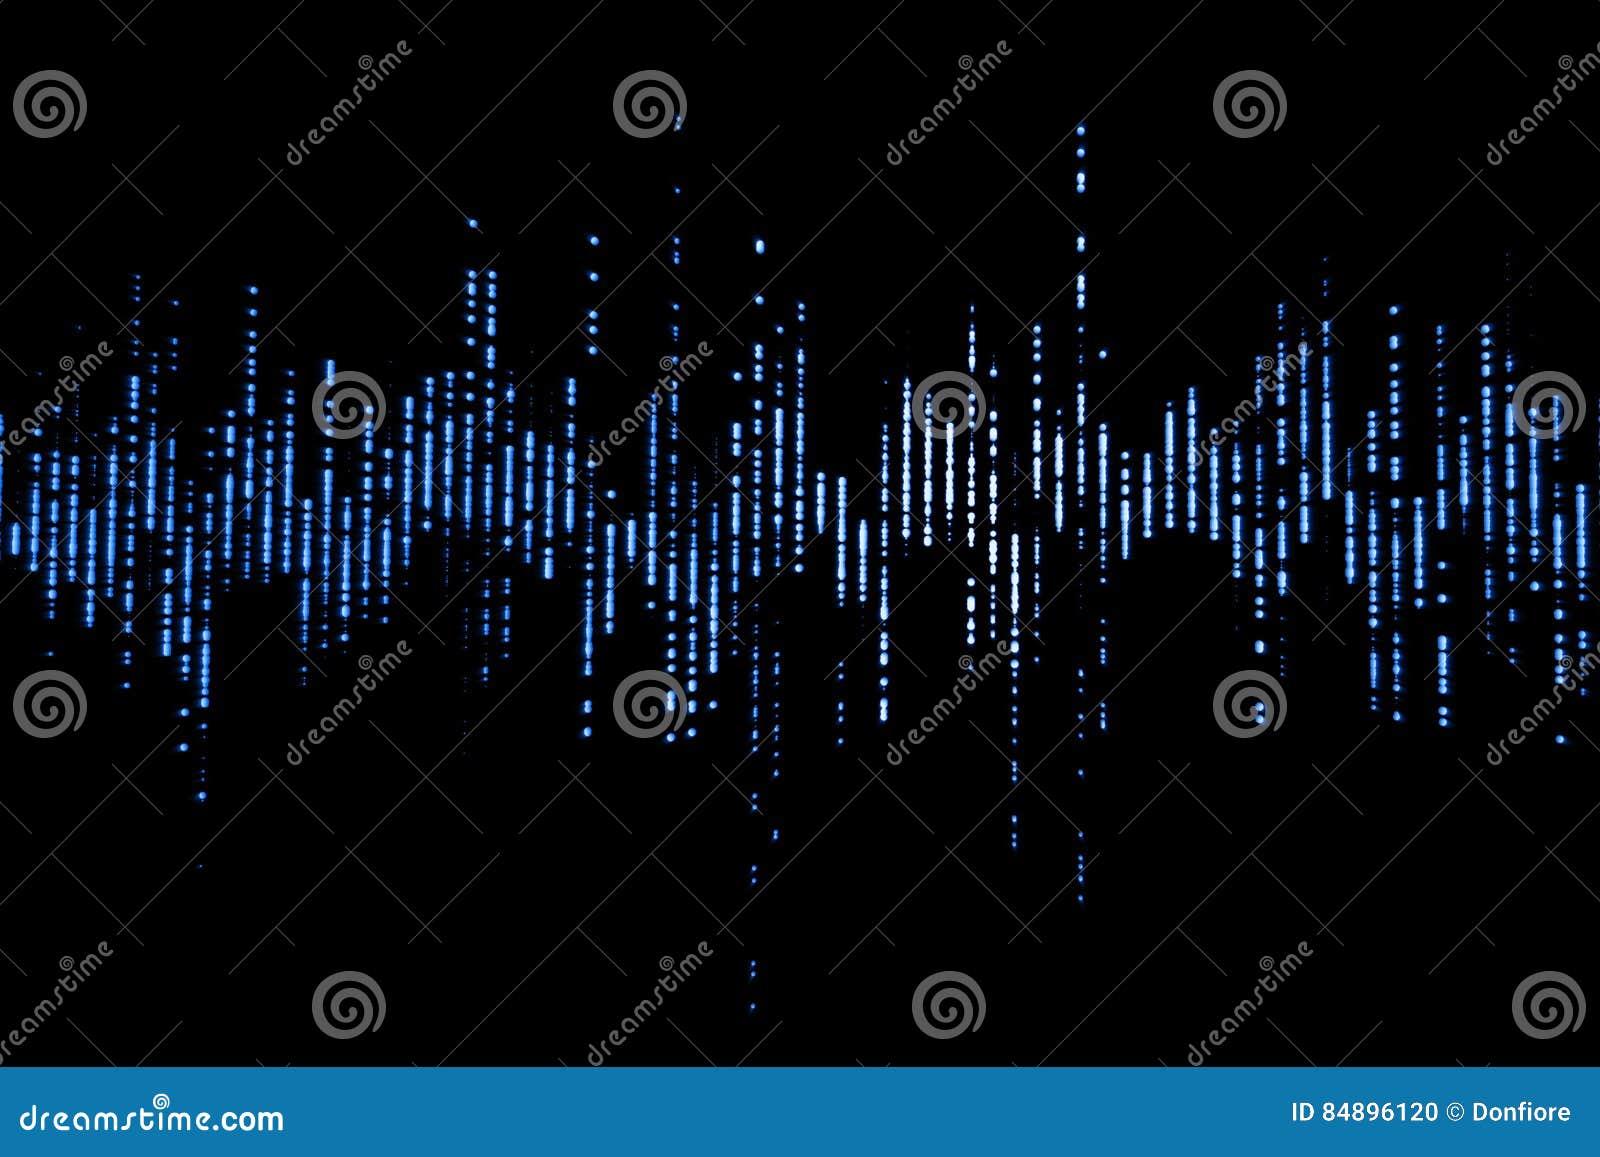 Μπλε ψηφιακά ακουστικά υγιή κύματα εξισωτών στο μαύρο υπόβαθρο, στερεοφωνικό υγιές σήμα επίδρασης